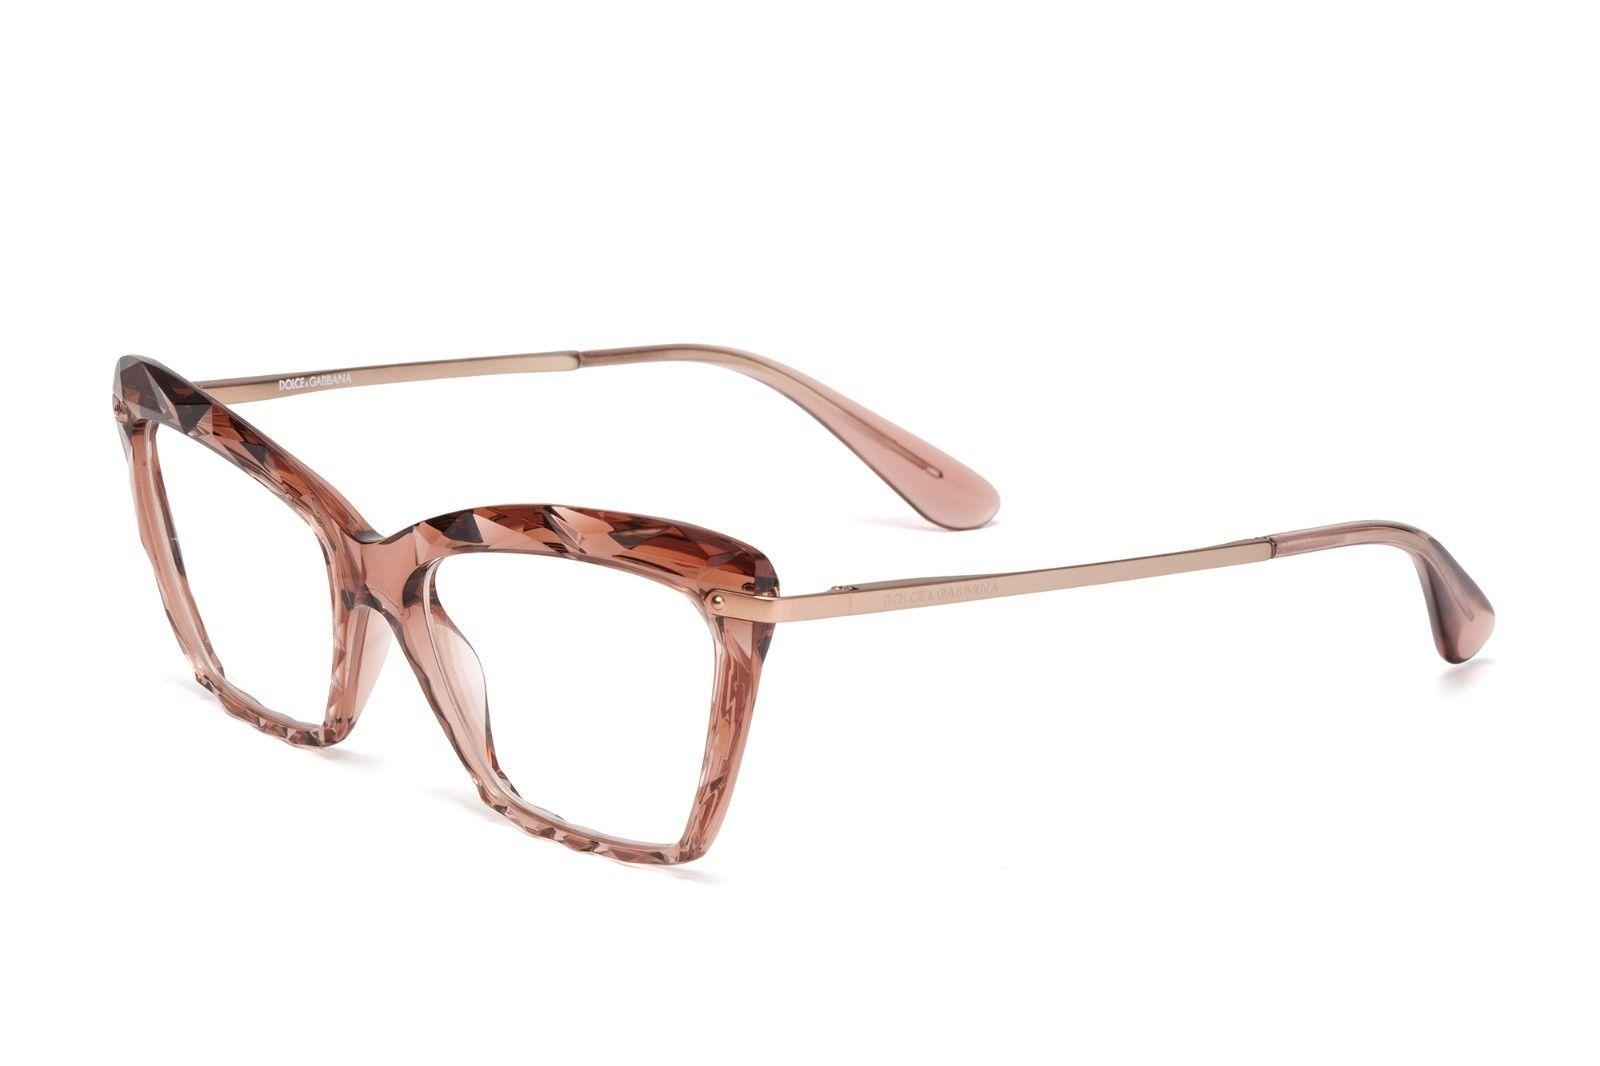 Occhiali da Vista Dolce&Gabbana DG 5025 (3147) 3vmgpJH